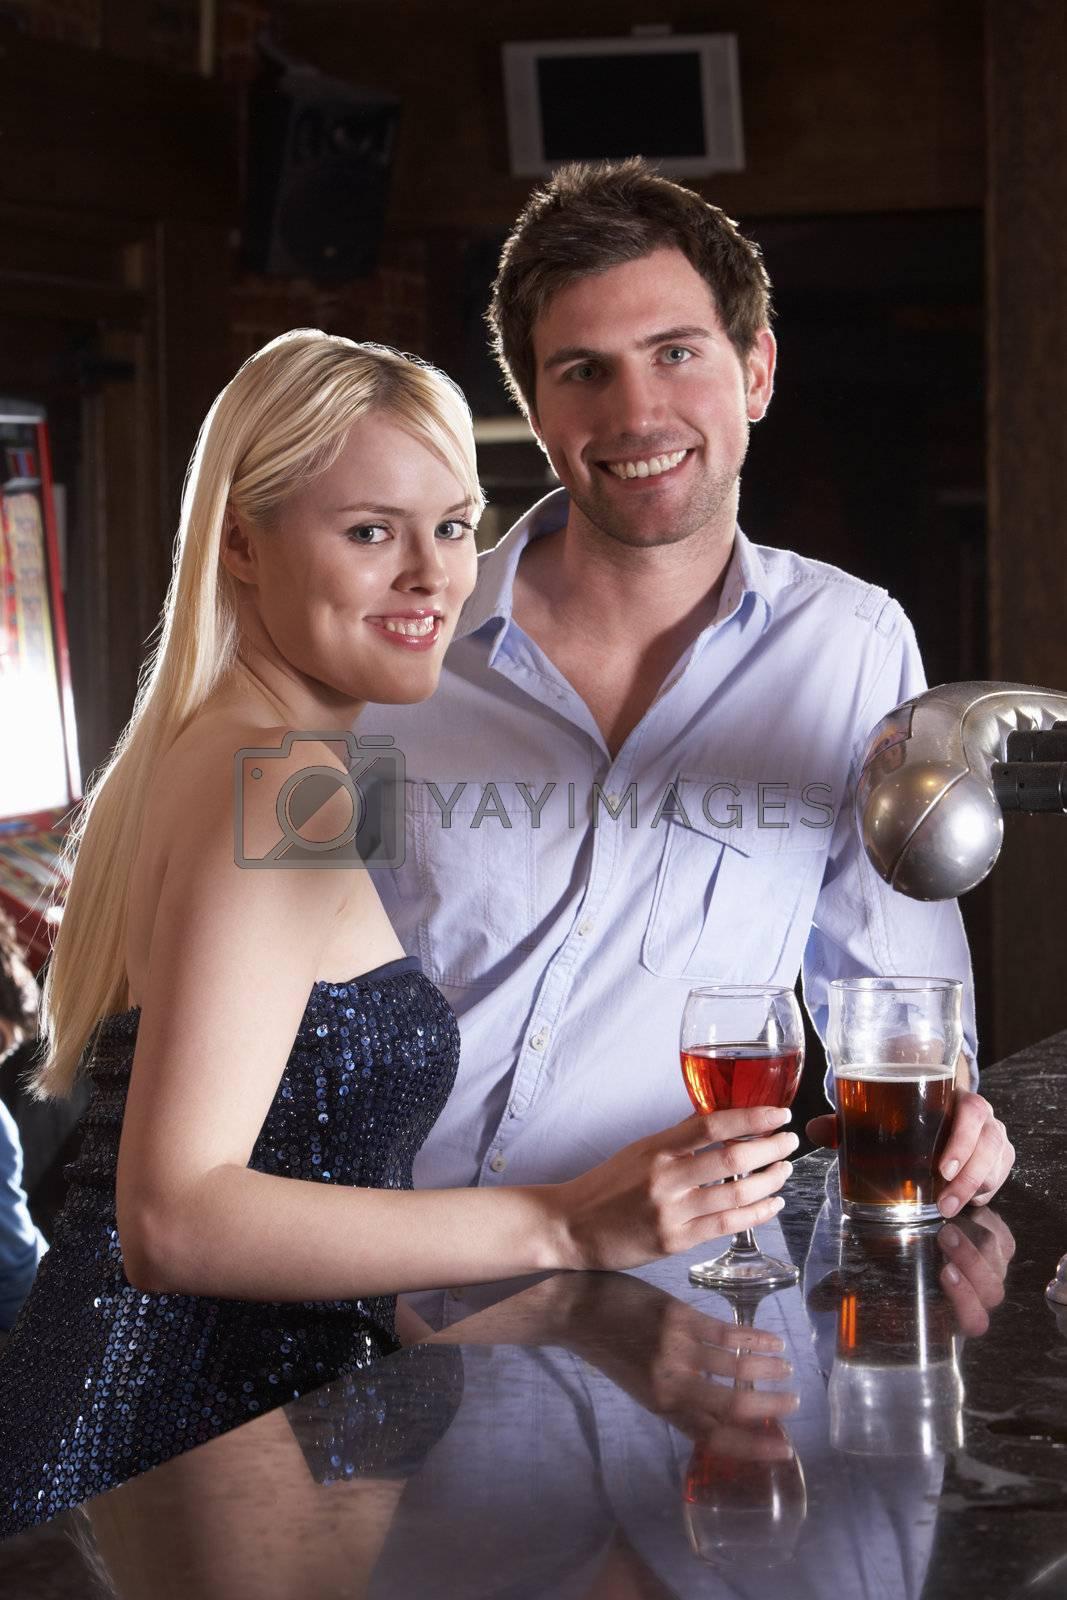 Young couple at bar